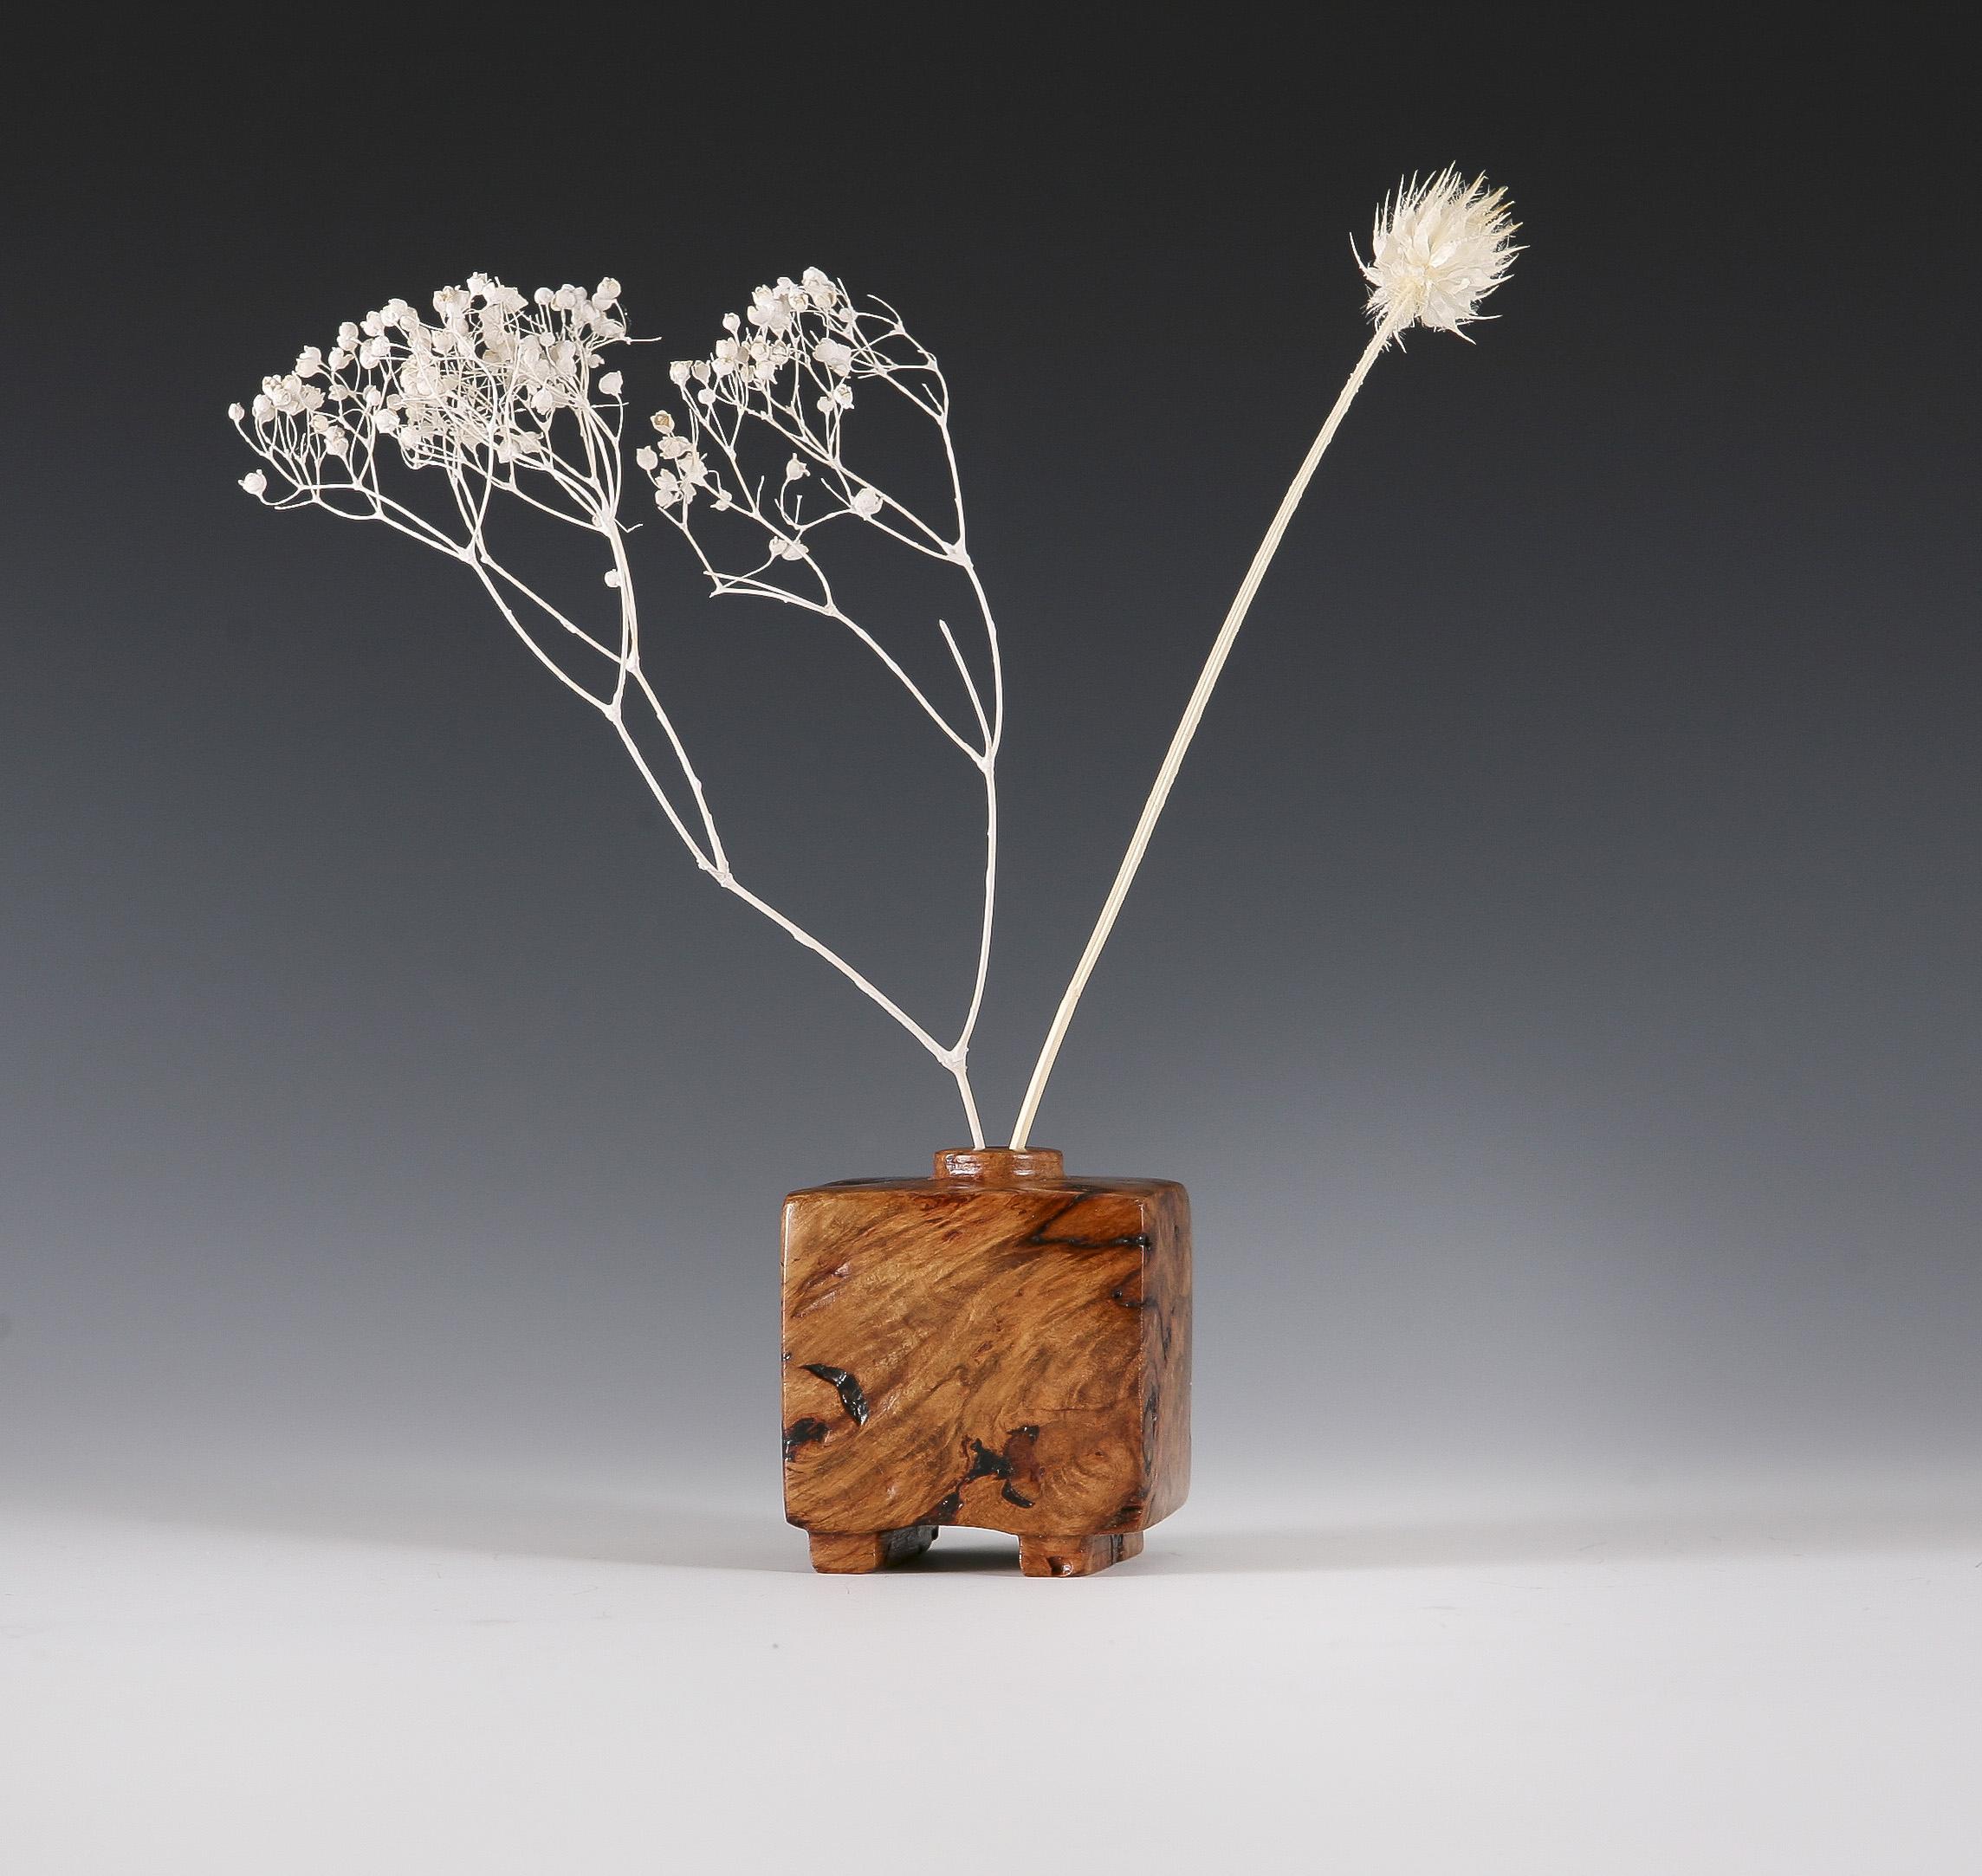 Wooden weed pot vase / incense holde